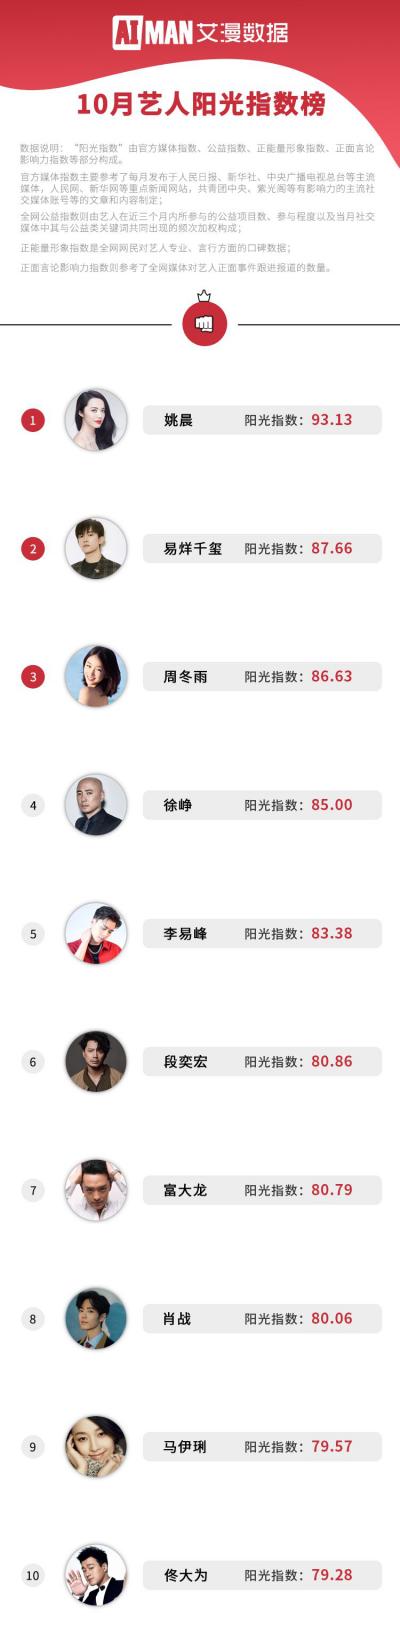 """艾漫数据发布艺人""""阳光指数""""榜单:姚晨王景春登顶易烊千玺连续两月上榜"""